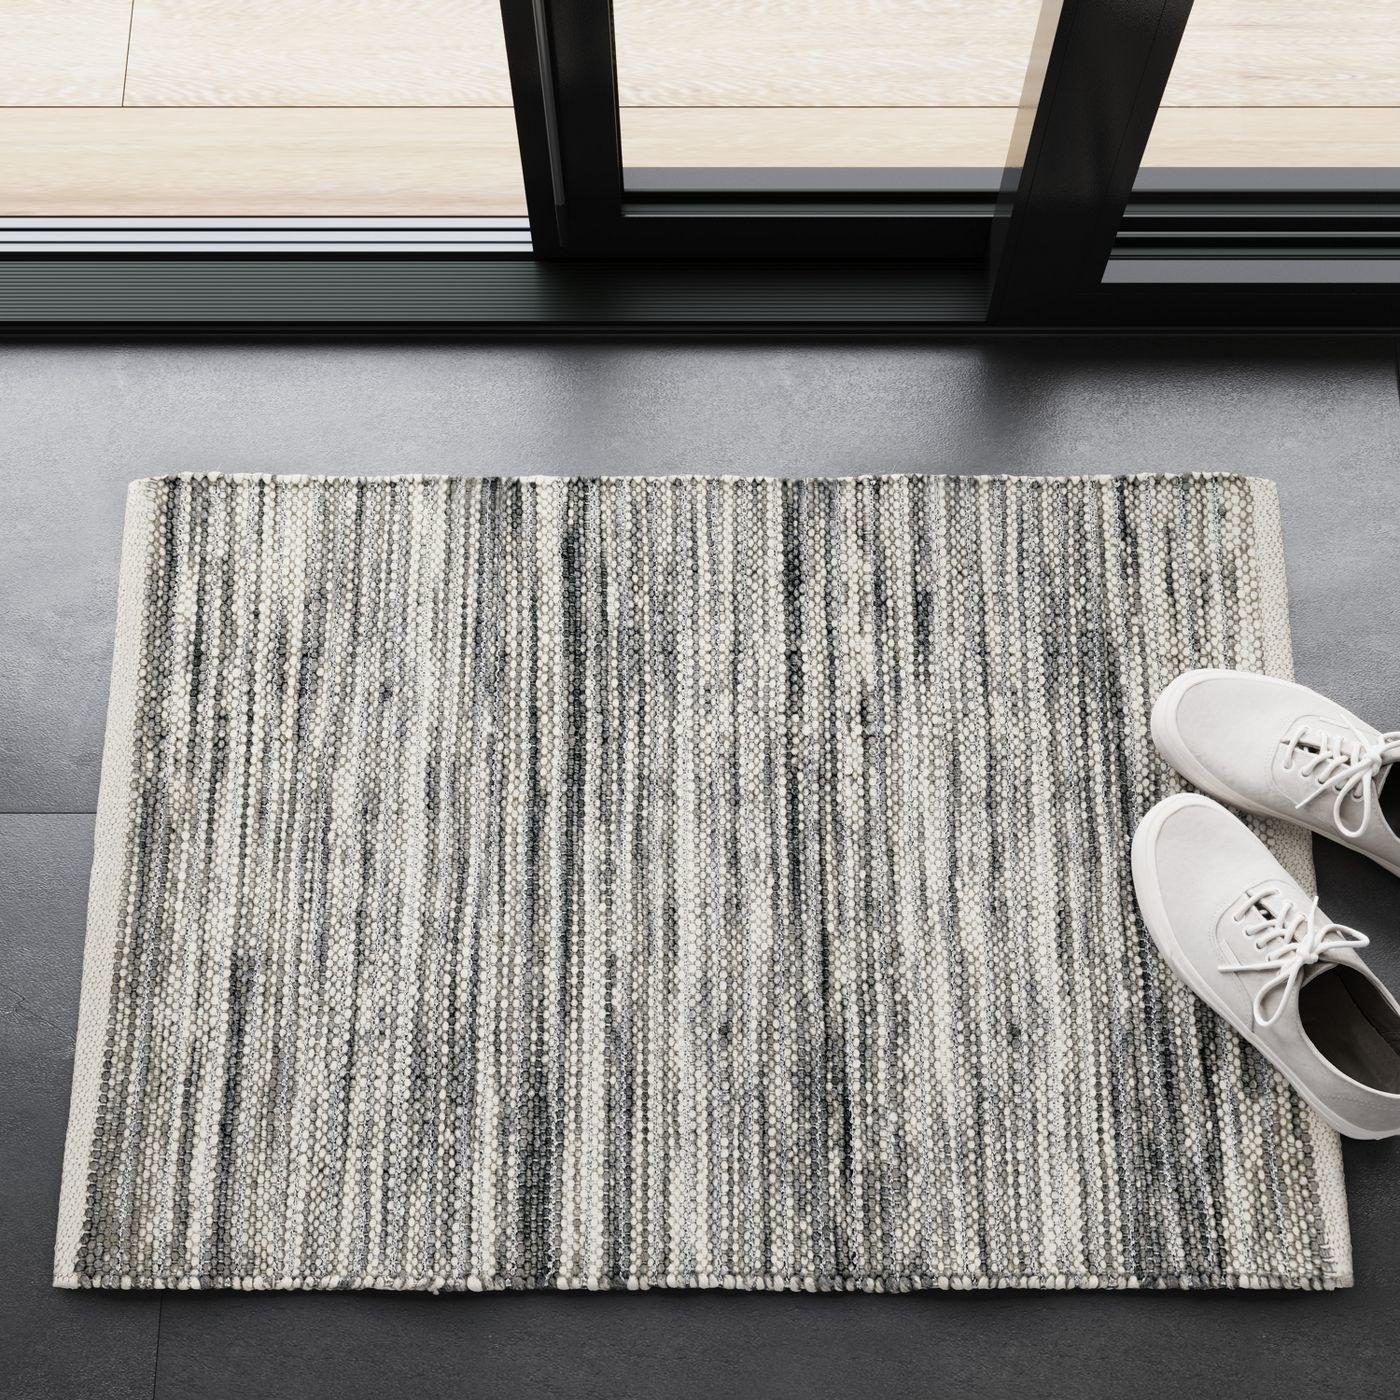 A metallic silver rug